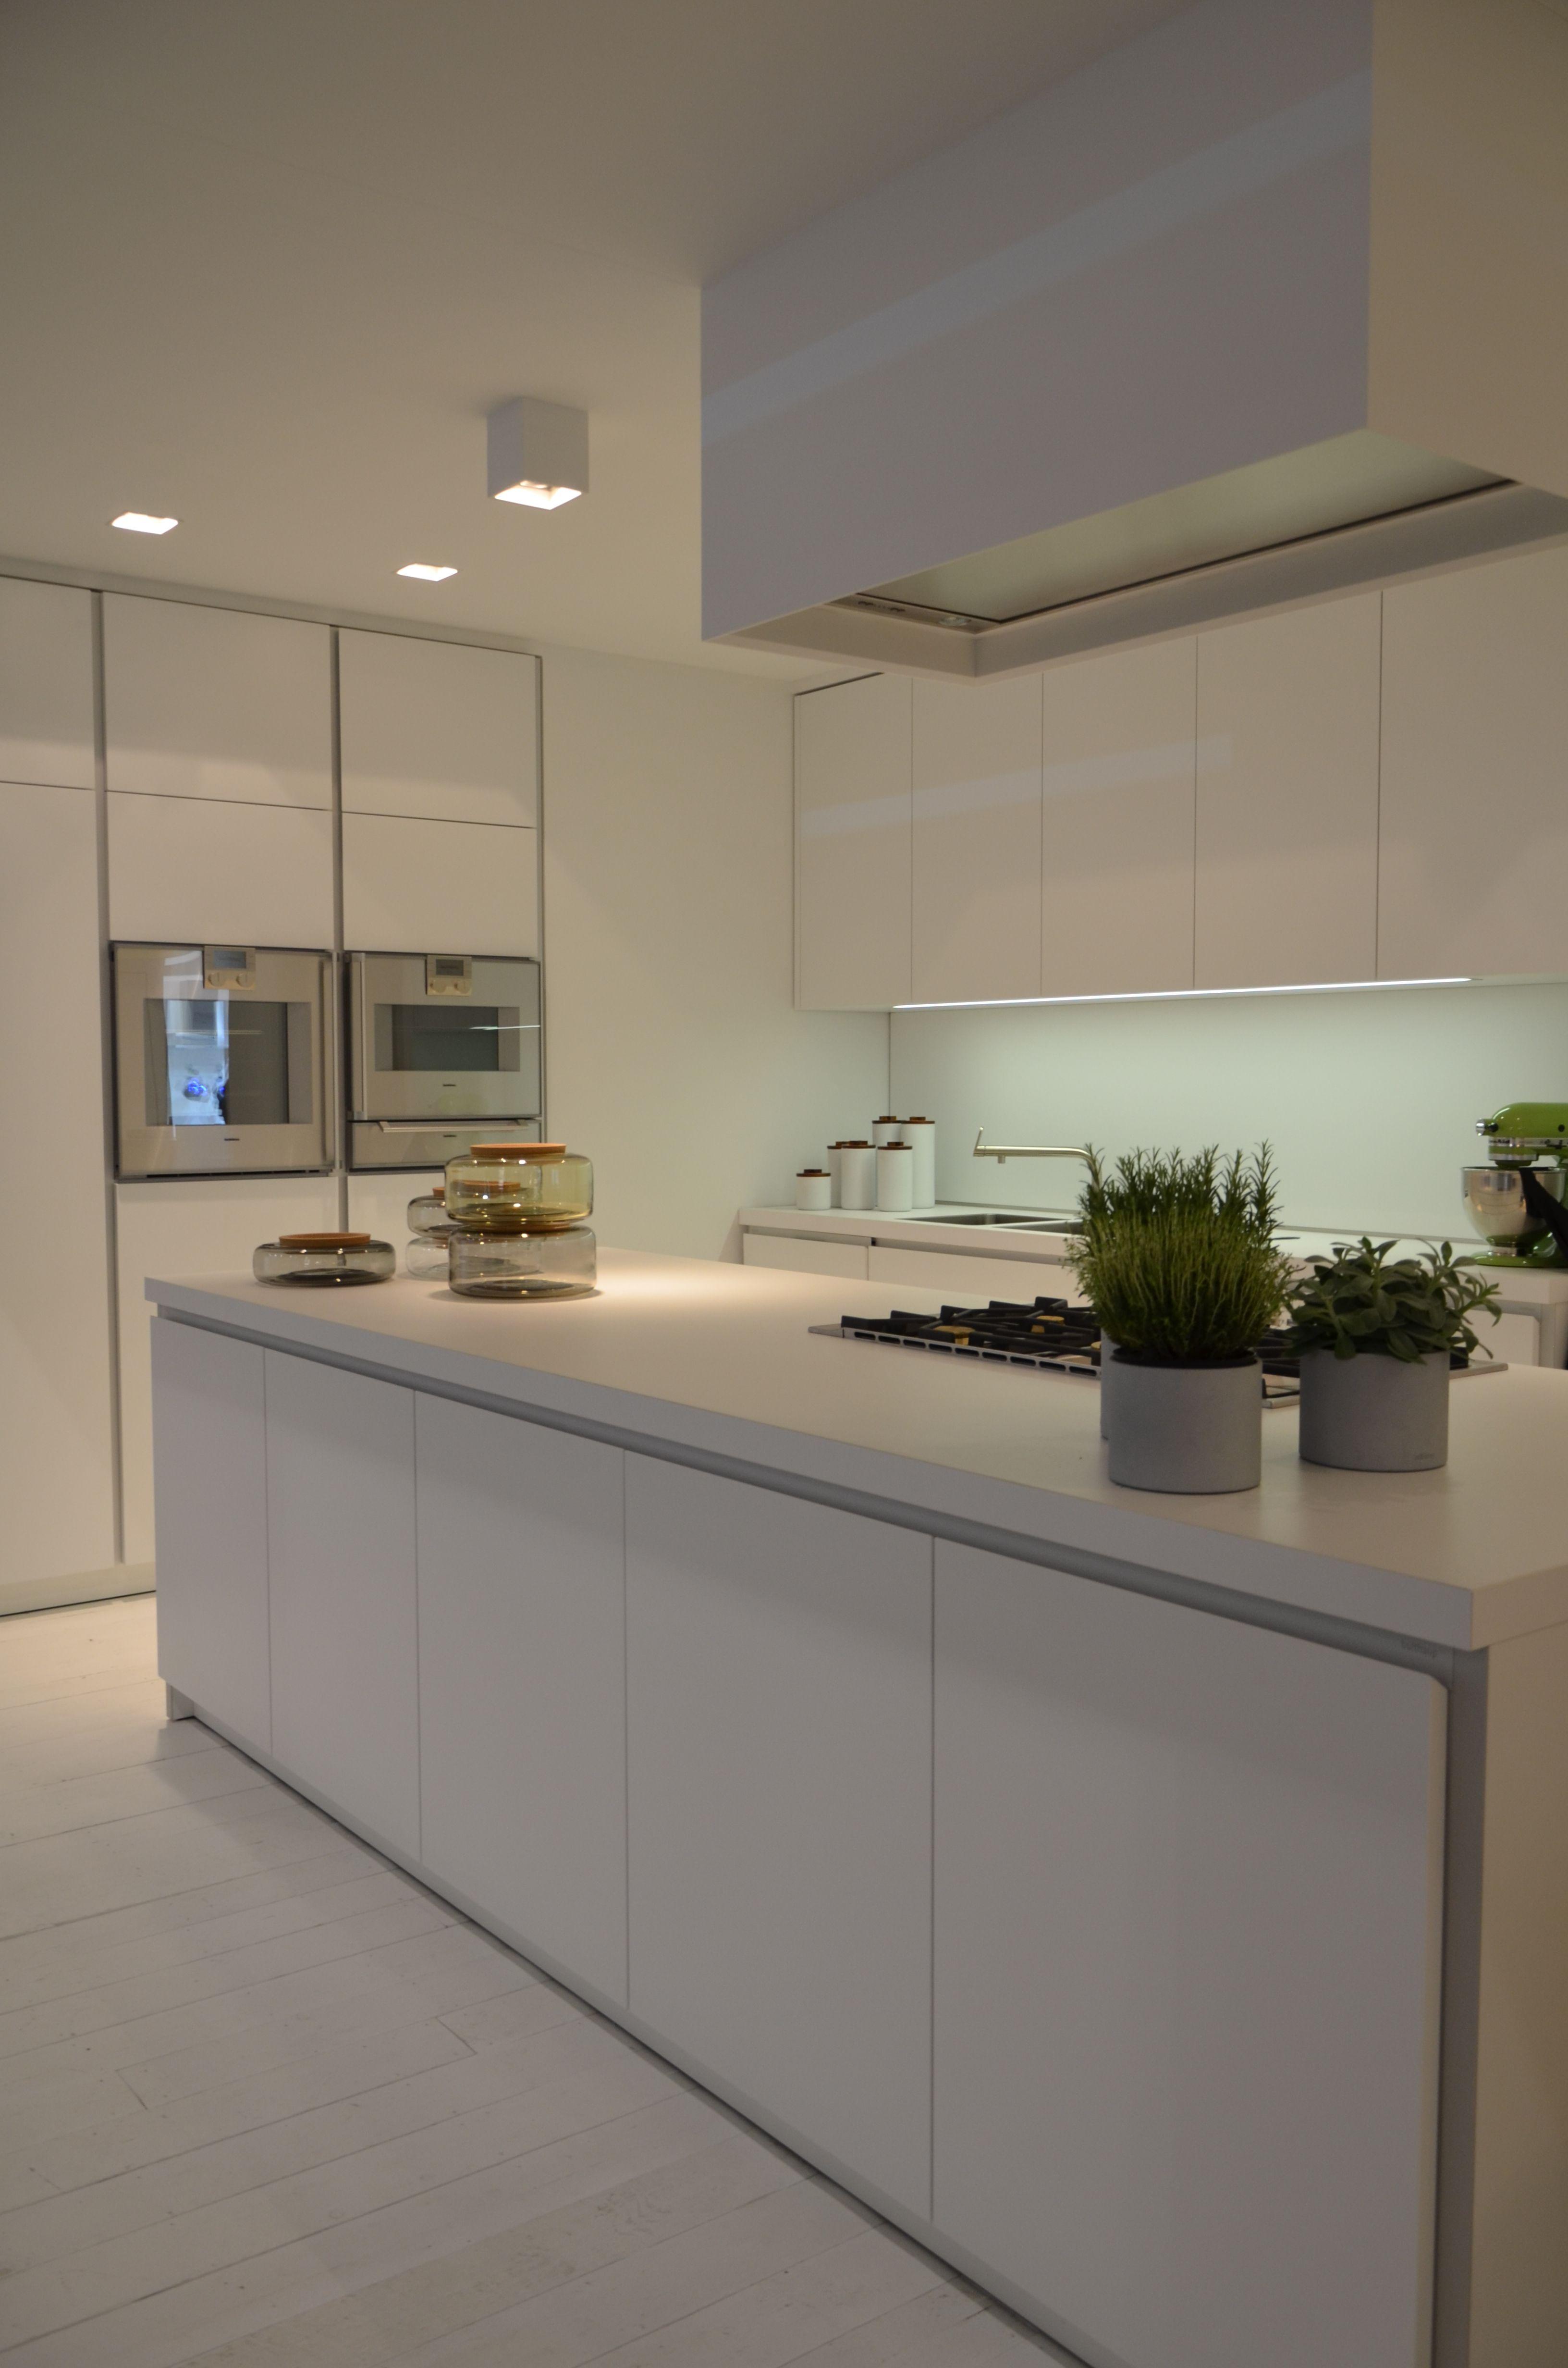 Private Residence In La Gorce / Touzet Studio | Studio, Miami Beach And  Miami